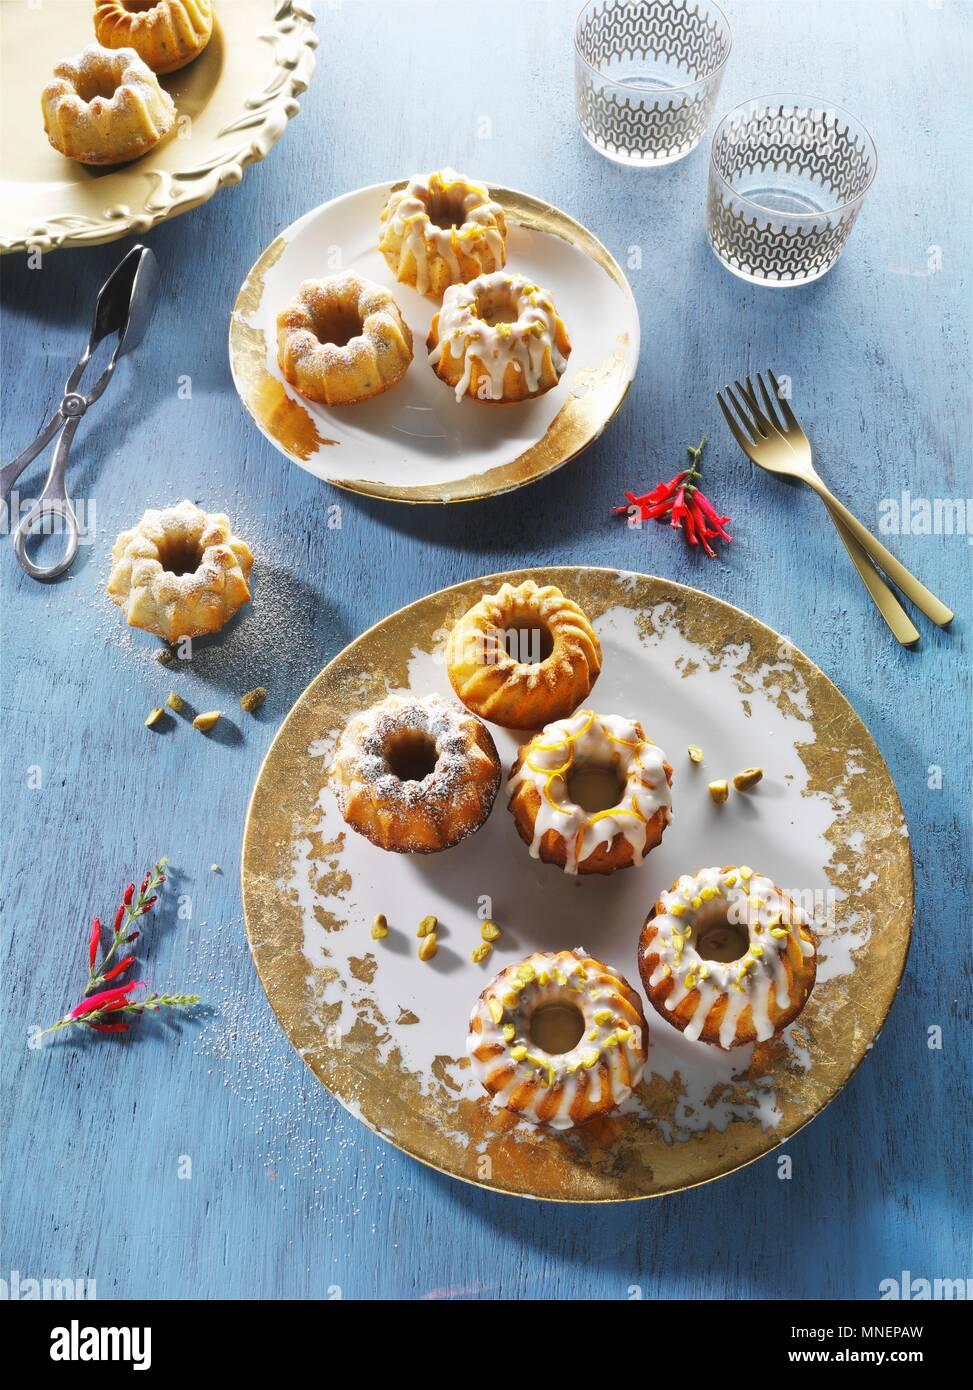 Mini gâteaux Bundt sur gold-plaques à motifs bleu sur une surface en bois Photo Stock